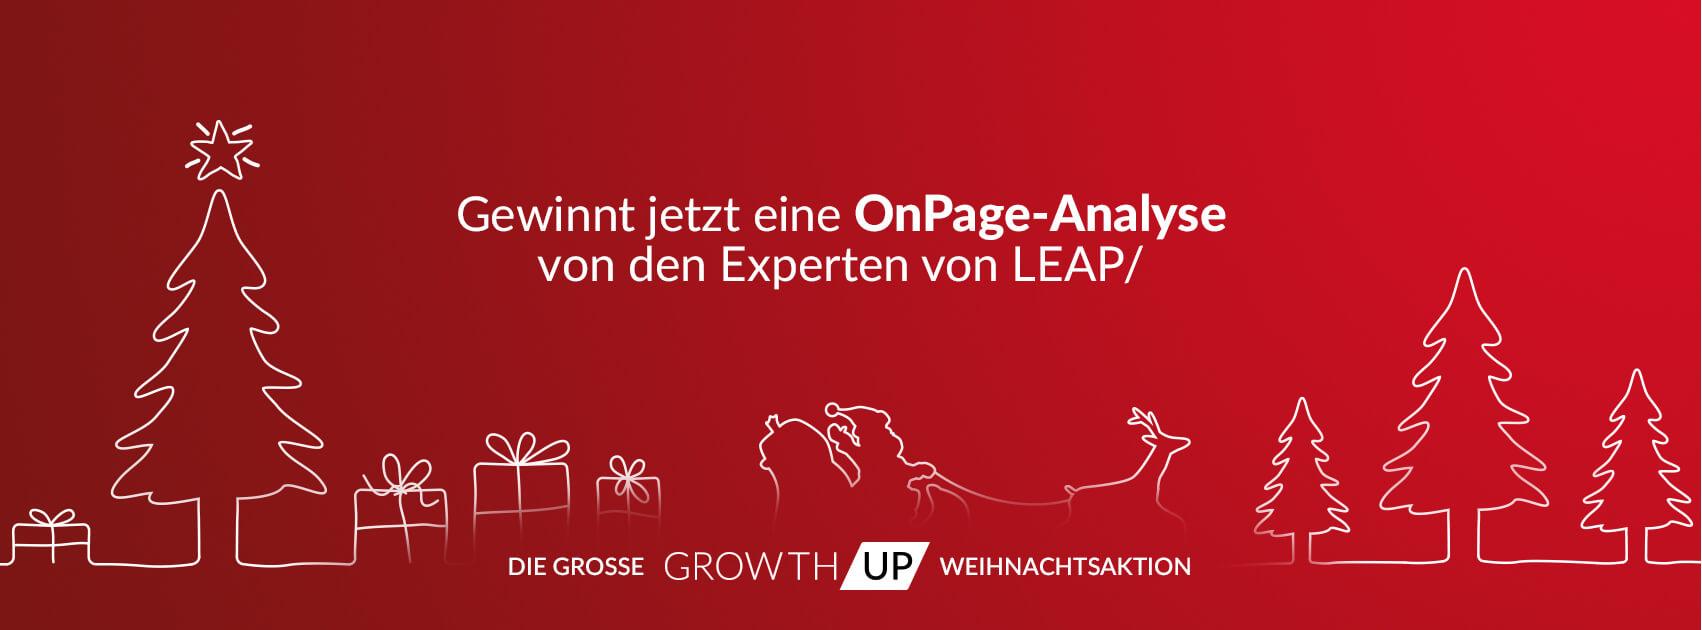 GrowthUp - Gewinnt jetzt eine OnPage-Analyse